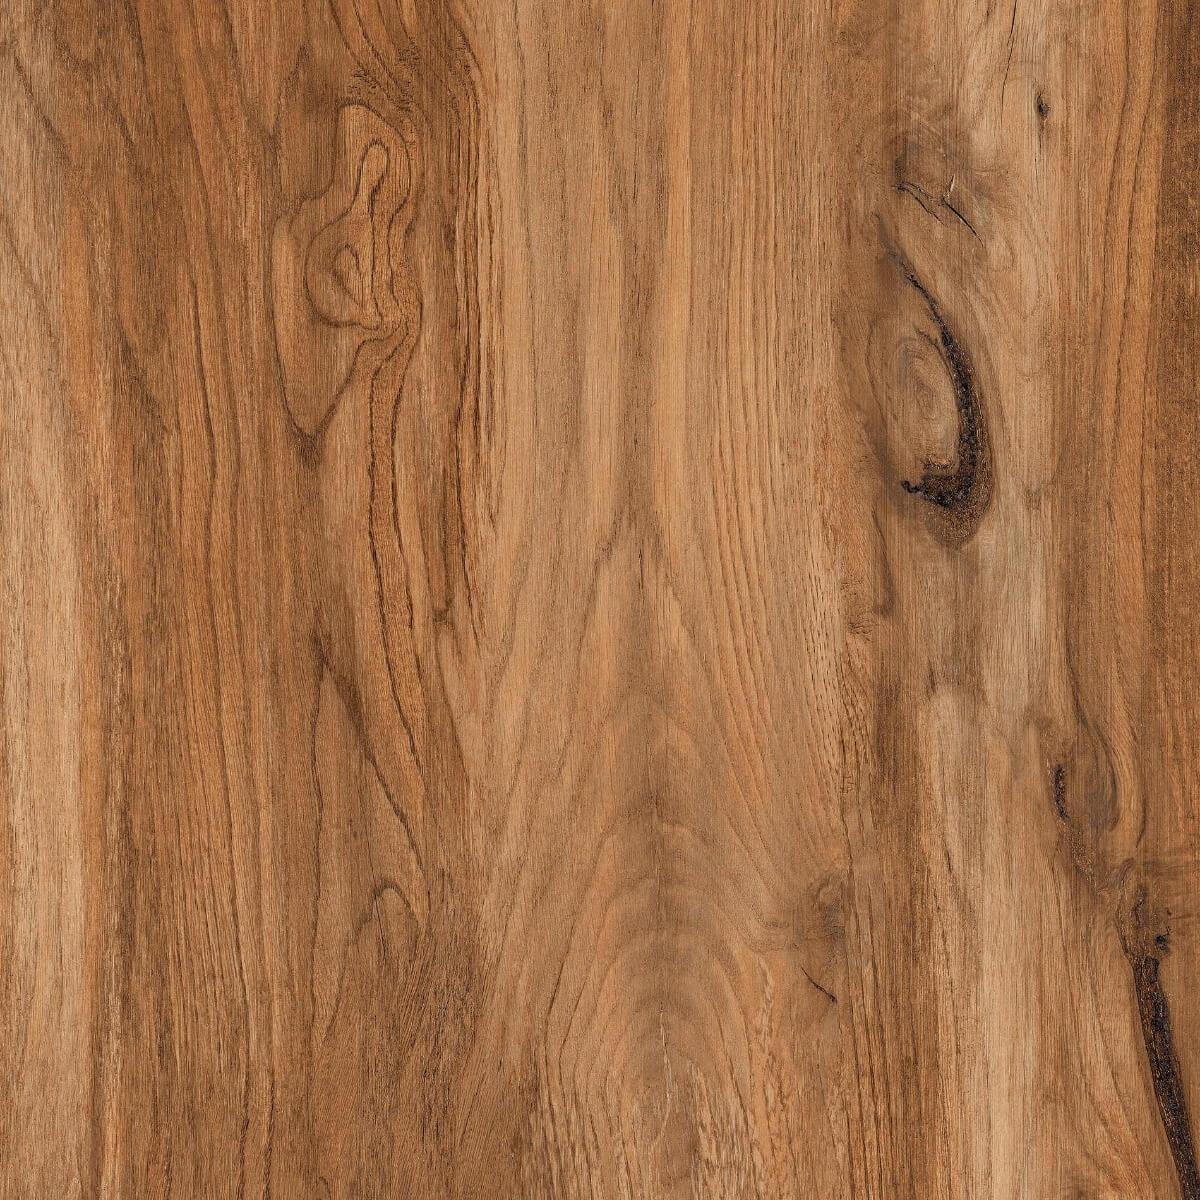 DGVT Antique Wood